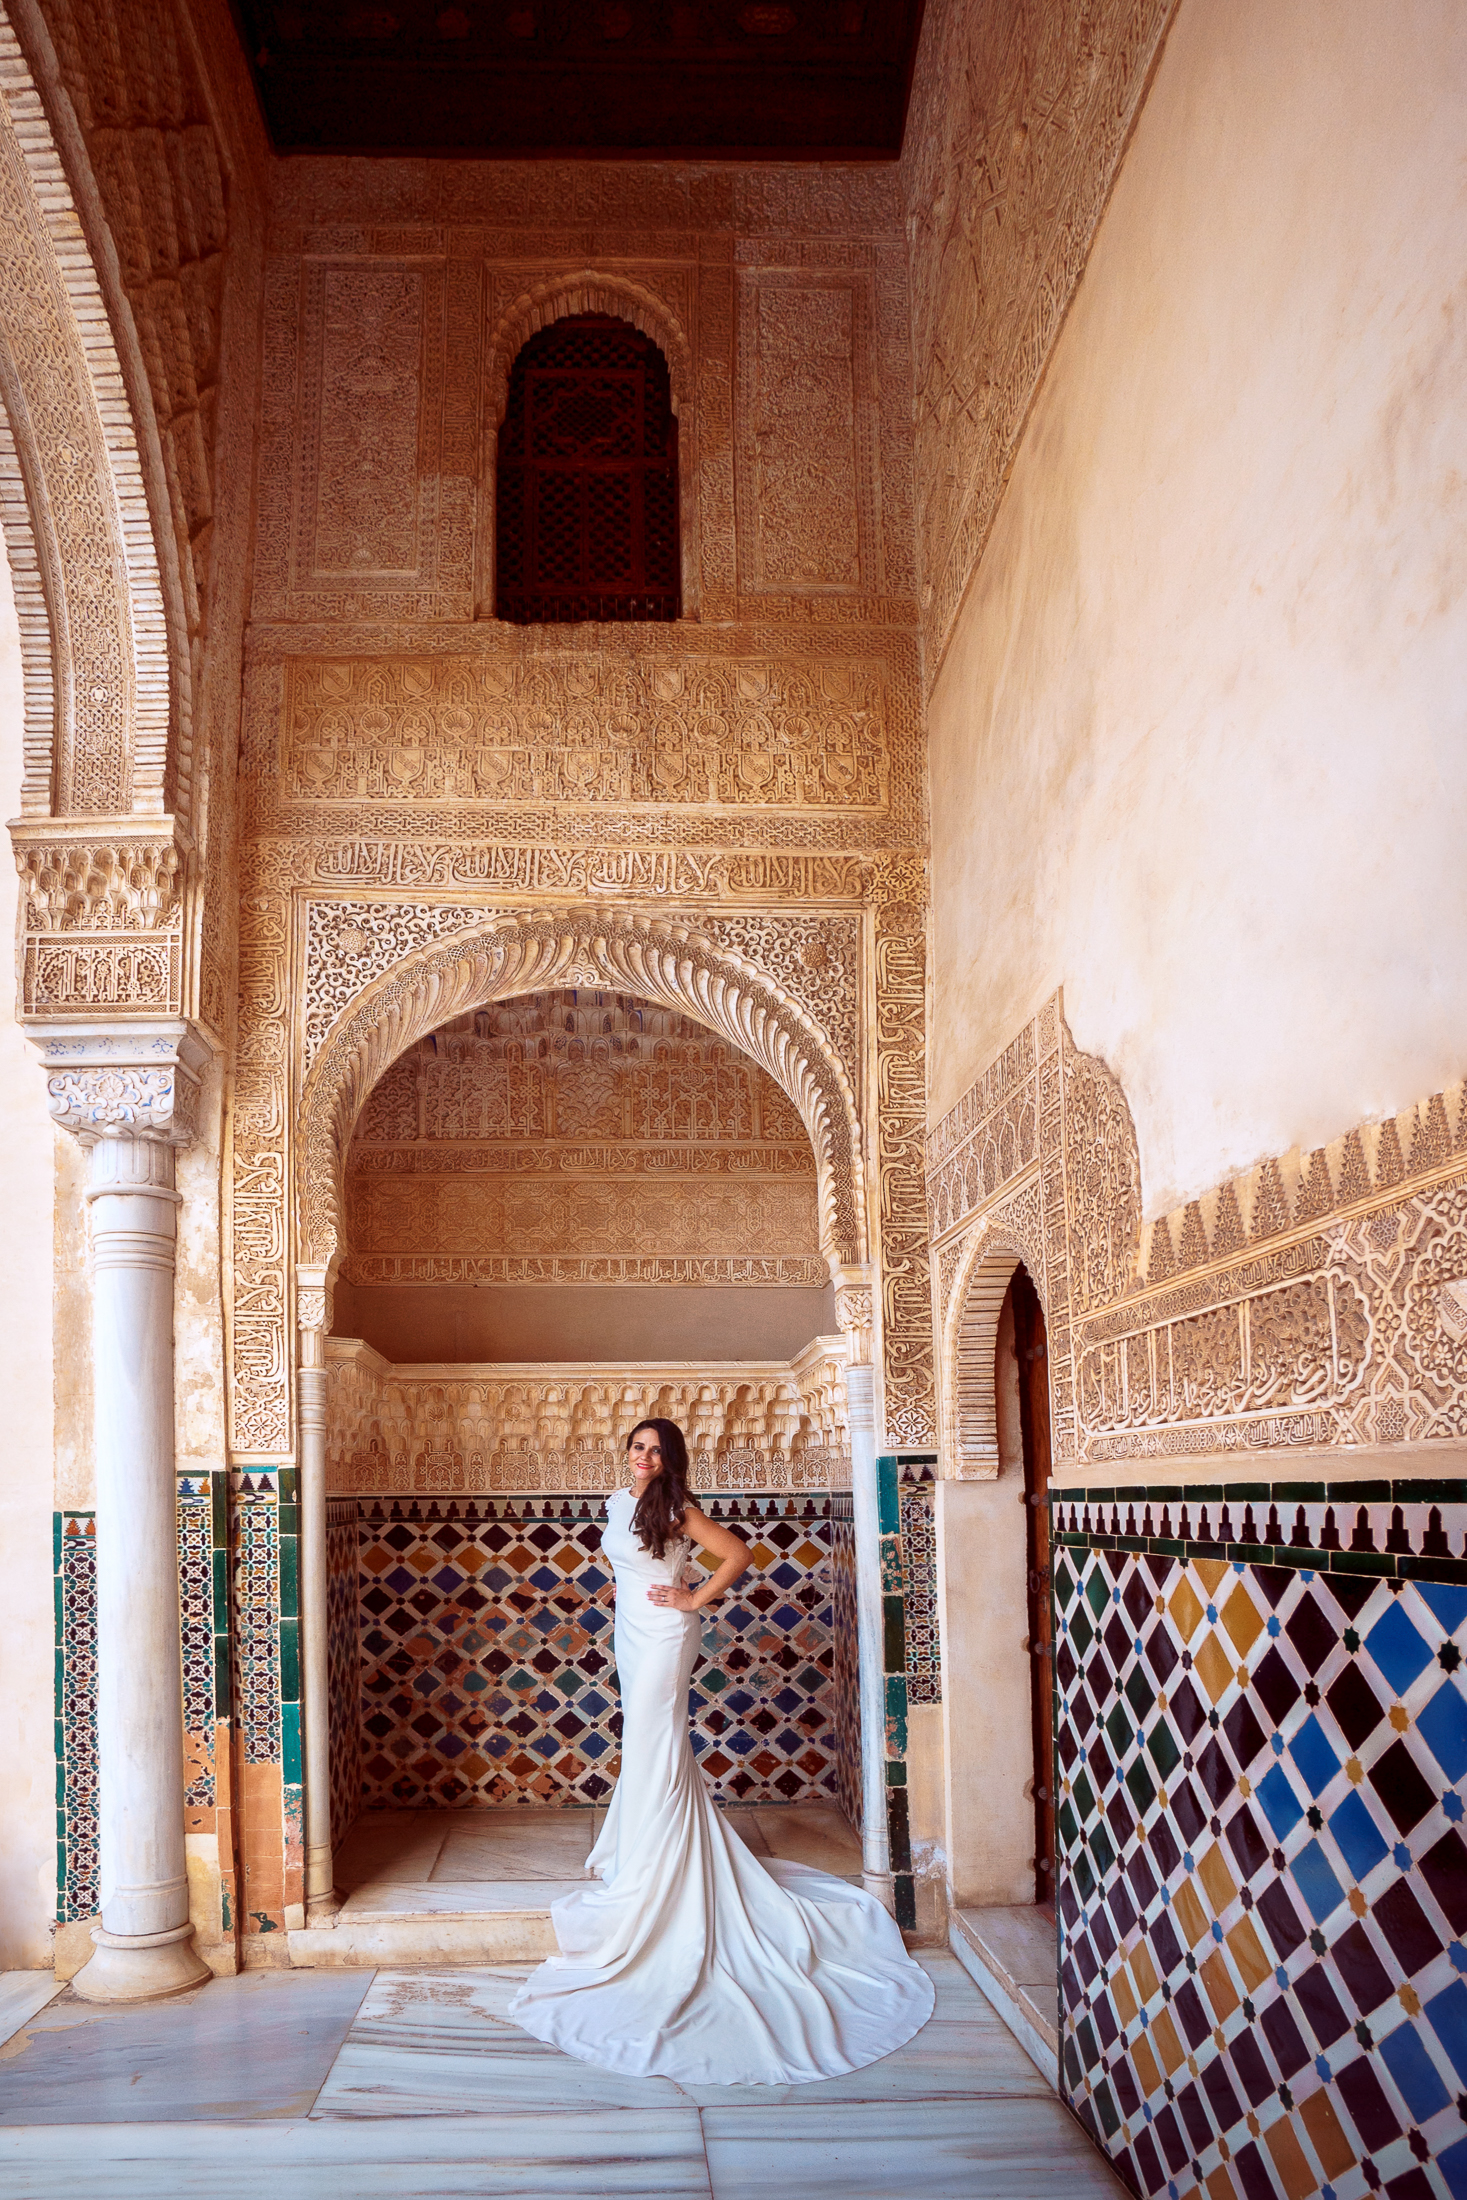 Postboda en Alhambra. Patio de Los Leones.